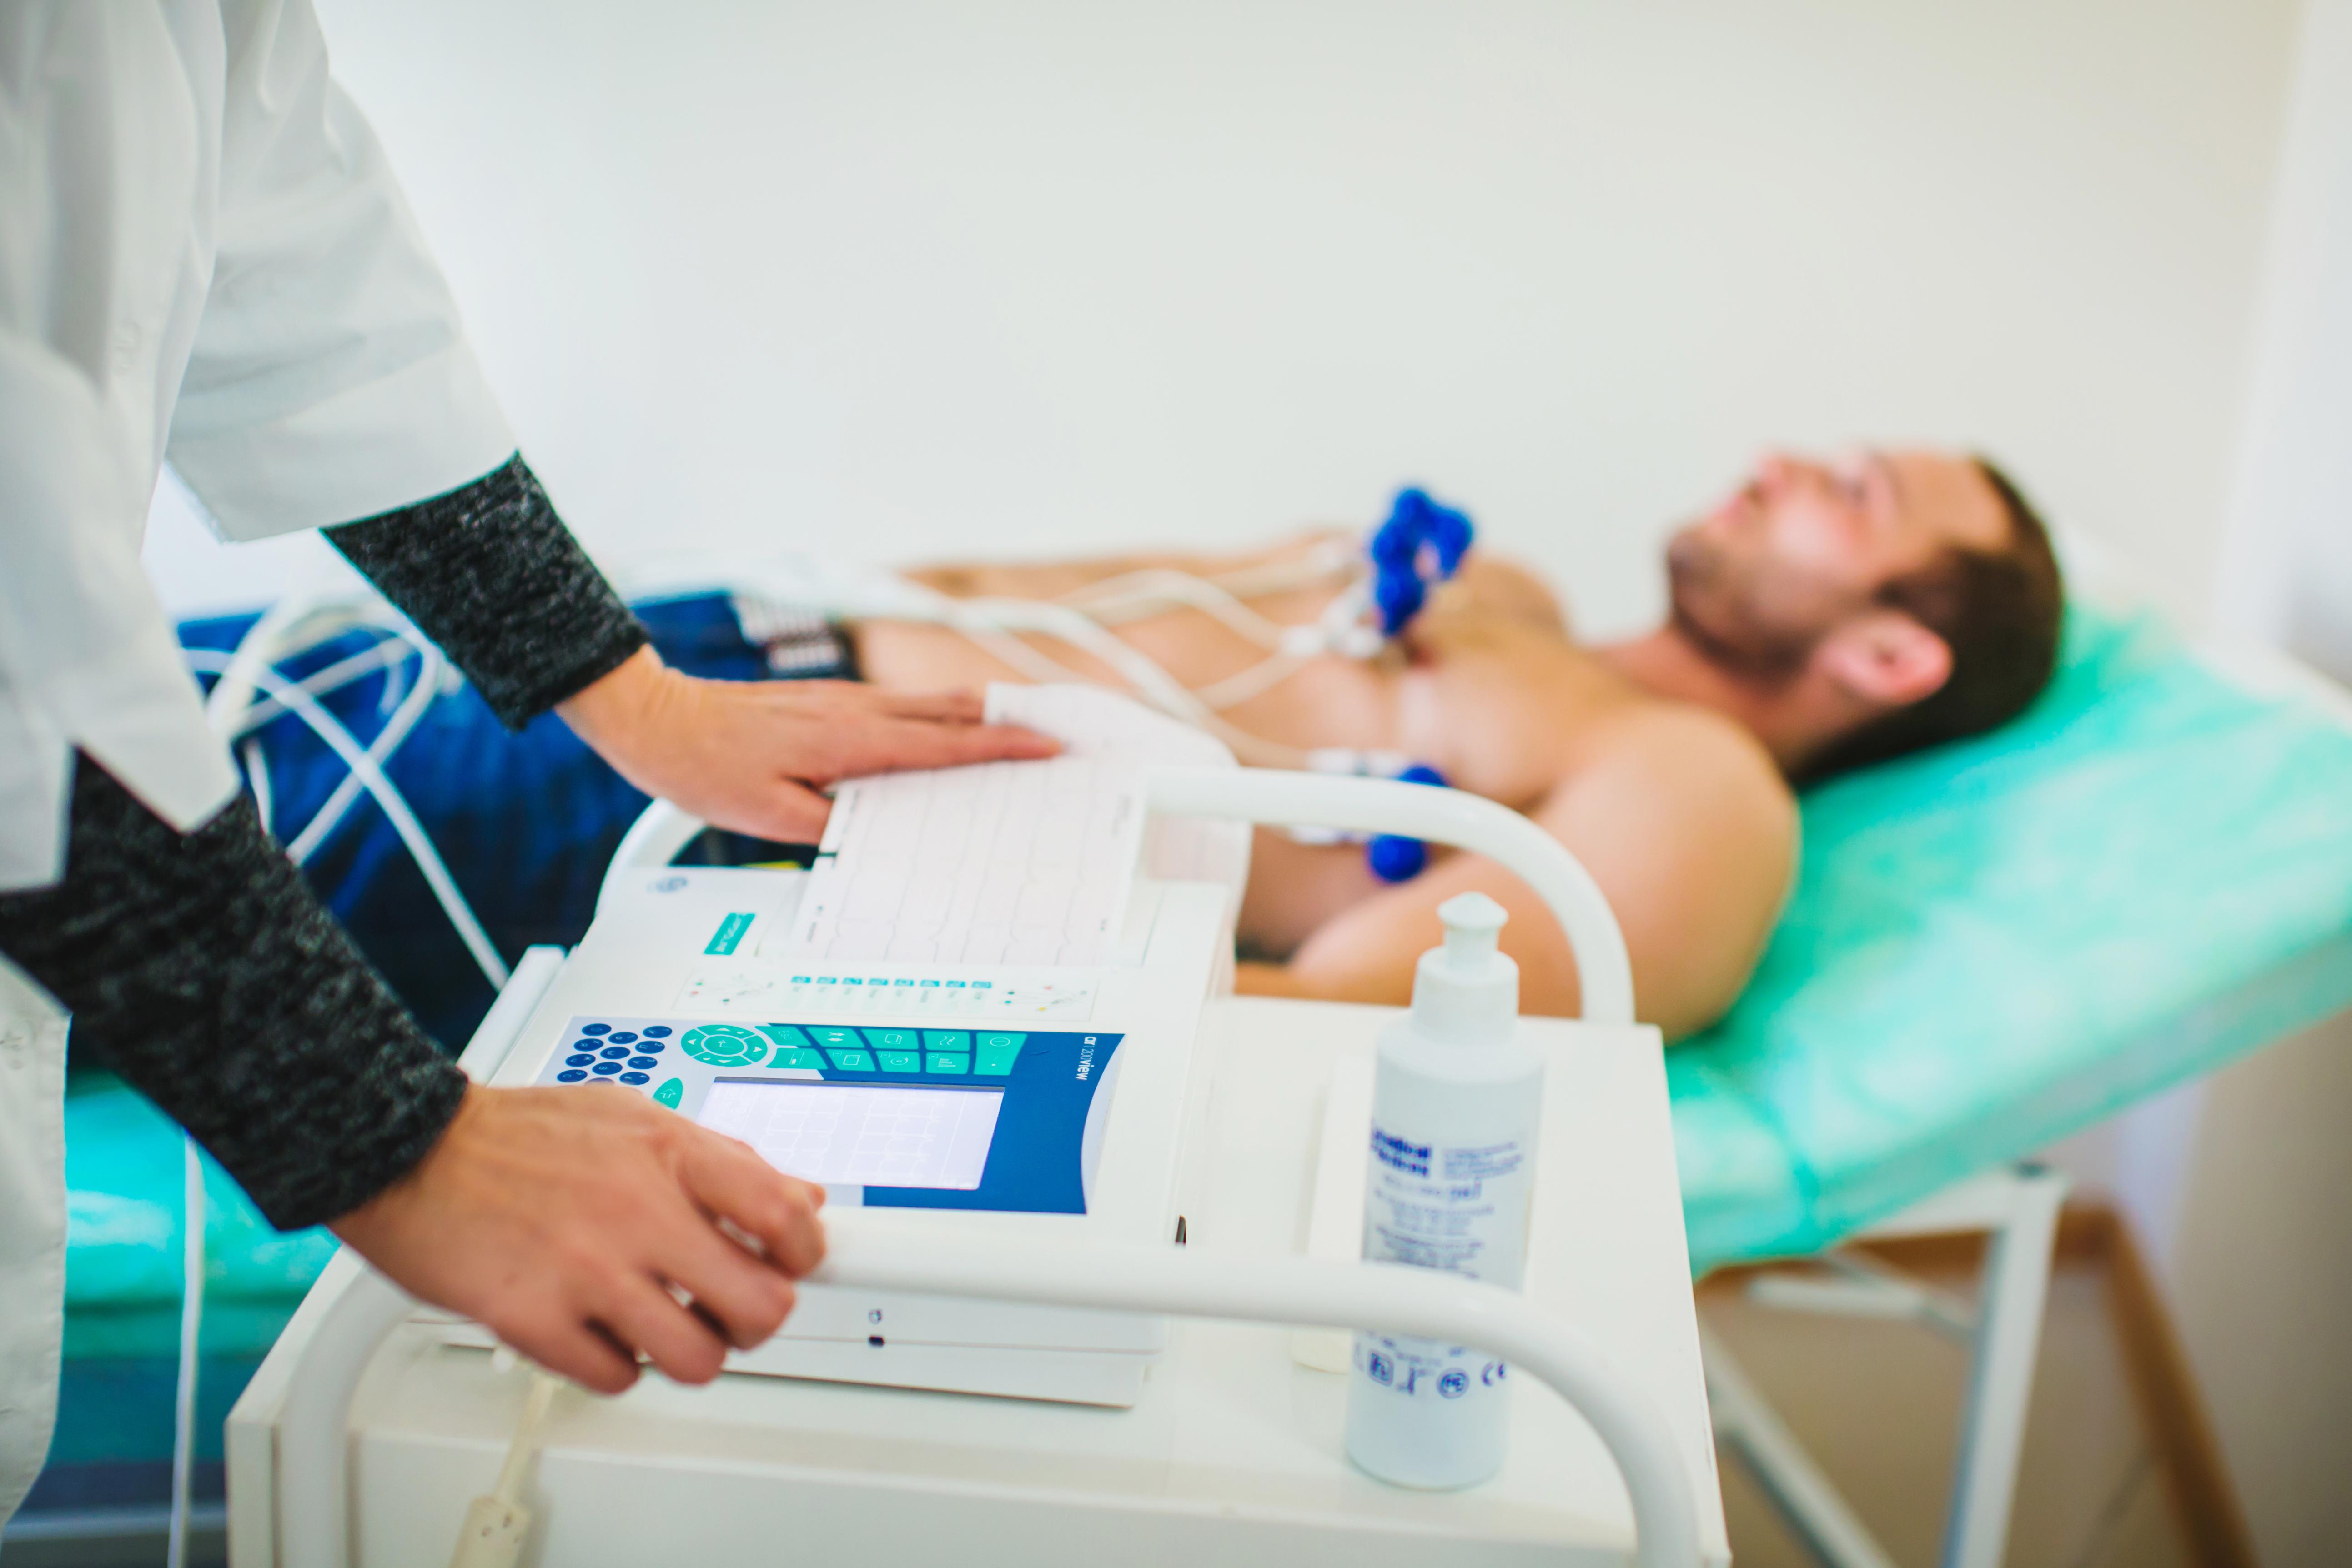 Эндопротезирование тазобедренного сустава: ход операции, осложнения, срок службы эндопротеза